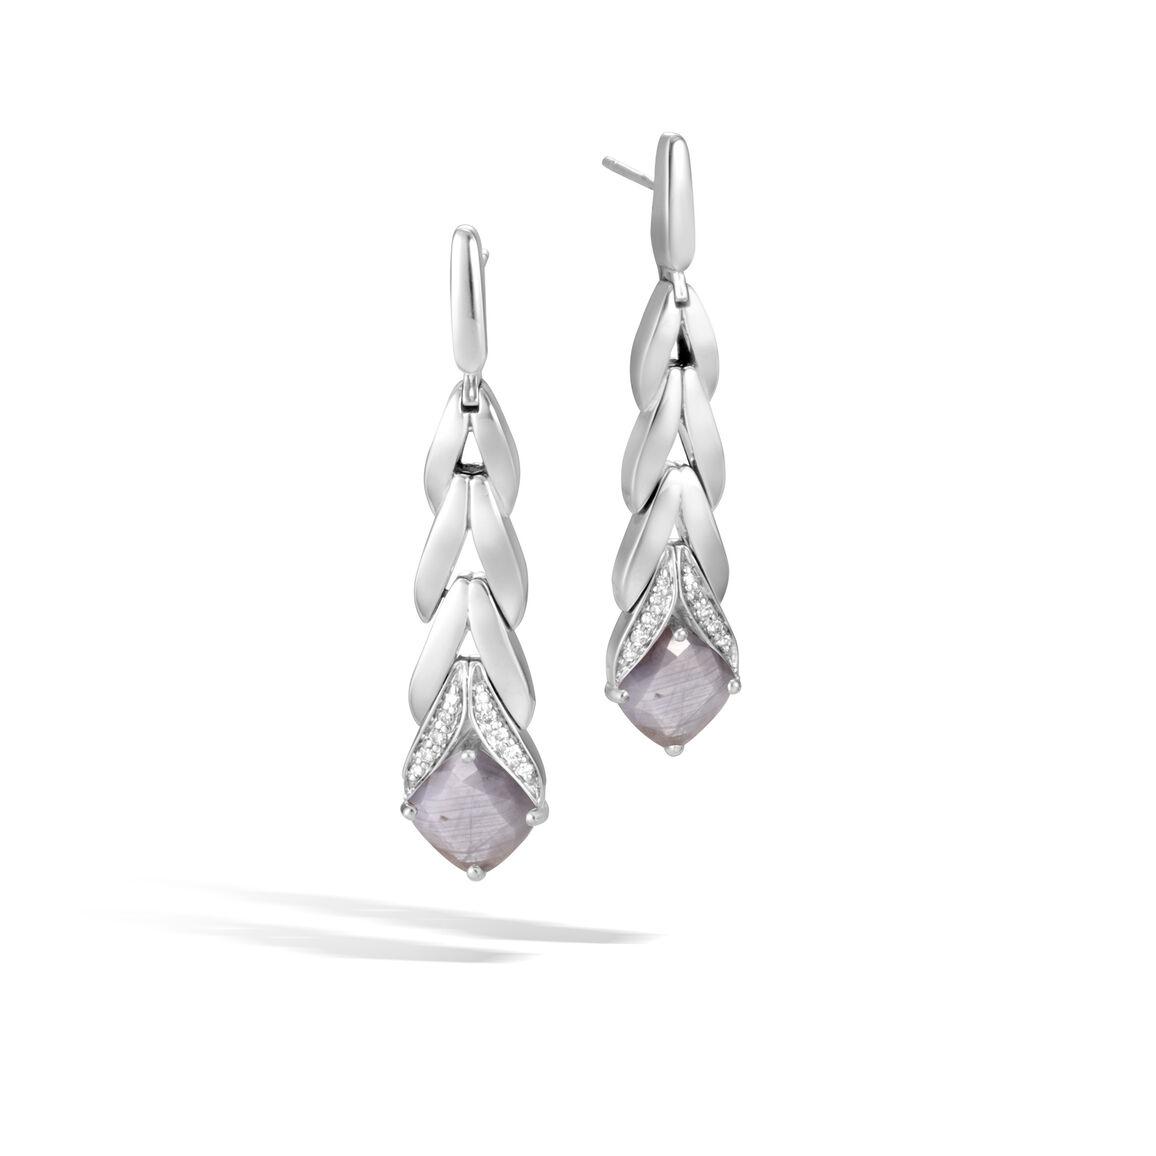 Modern Chain Magic Cut Drop Earring, Silver, Gemstone, Dia